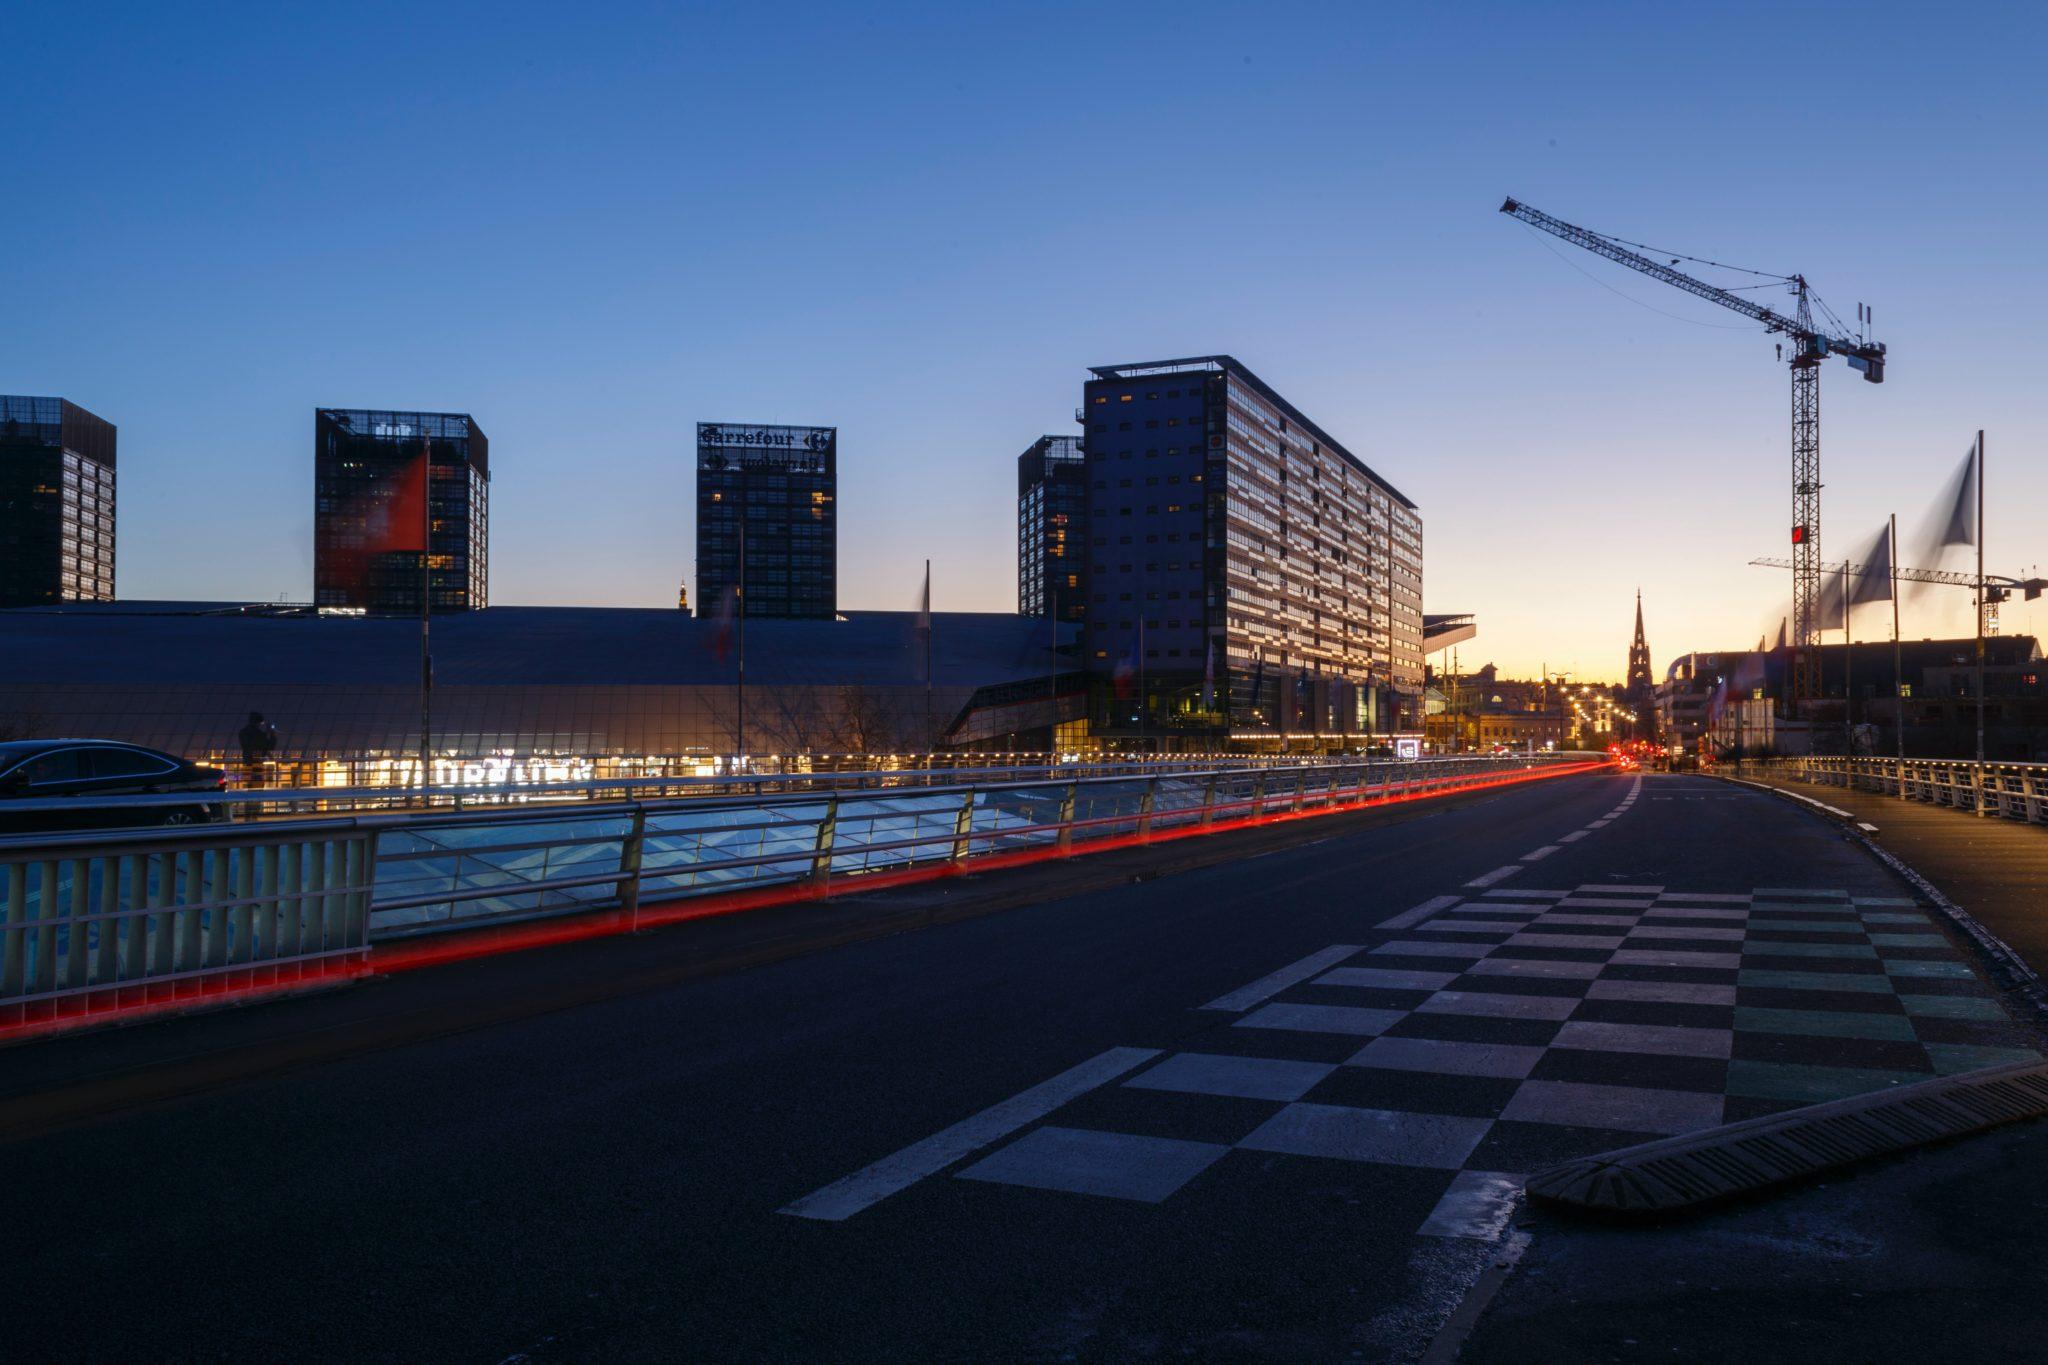 Sur l'ensemble du territoire de la métropole lilloise, le Vieux-Lille et Wazemmes sont évidemment des quartiers plébiscités parmi les 12 de la ville. Et cela depuis de nombreuses années. Aujourd'hui, la surprise vient des quartiers historiquement populaires qui connaissent une étonnante attractivité, du fait du renouvellement progressif de leur population et de projets. Lire.